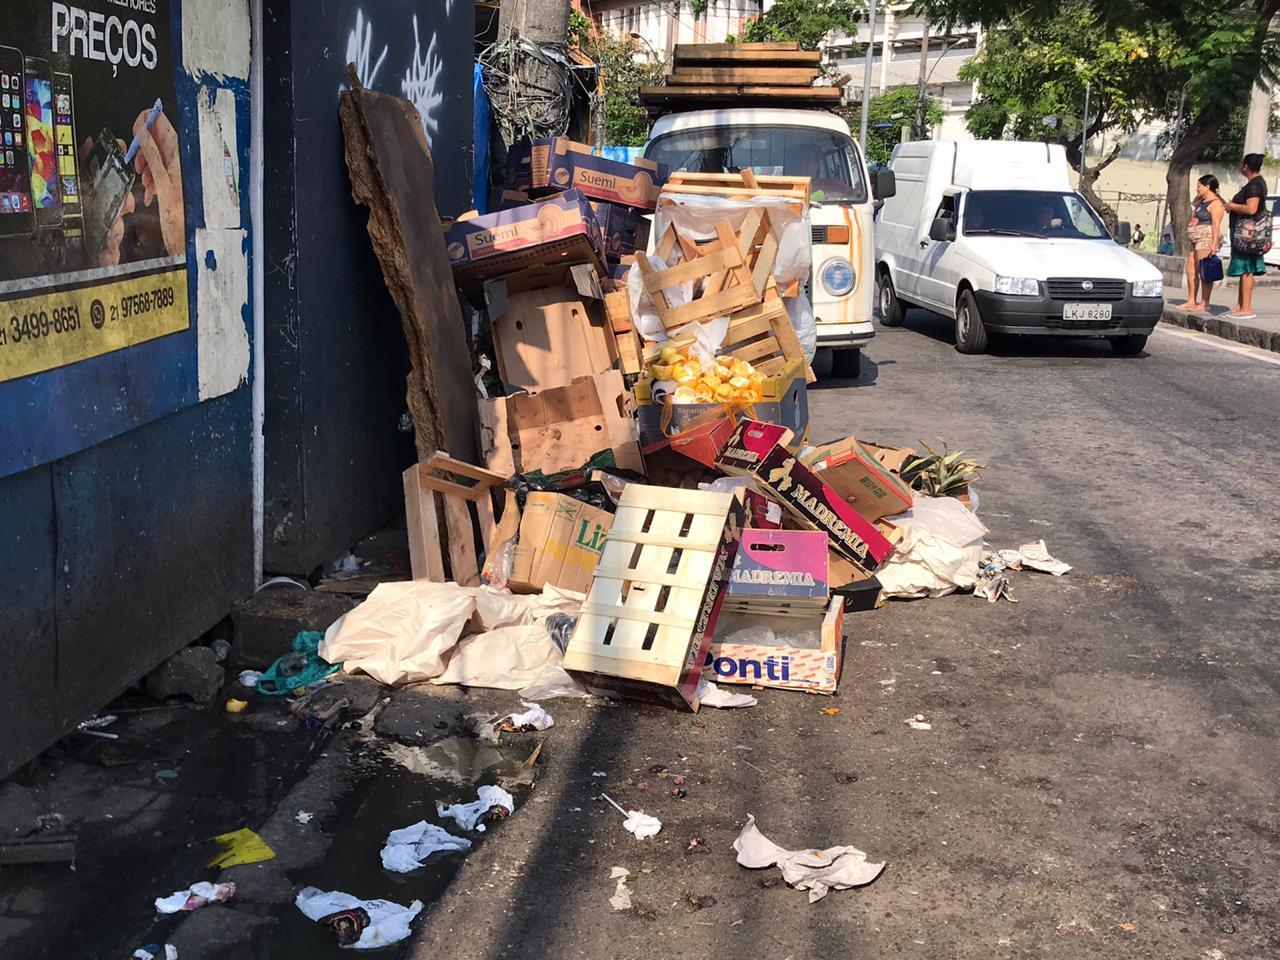 Lixo toma conta das calçadas após retirada de contêineres de coleta no Complexo do Alemão